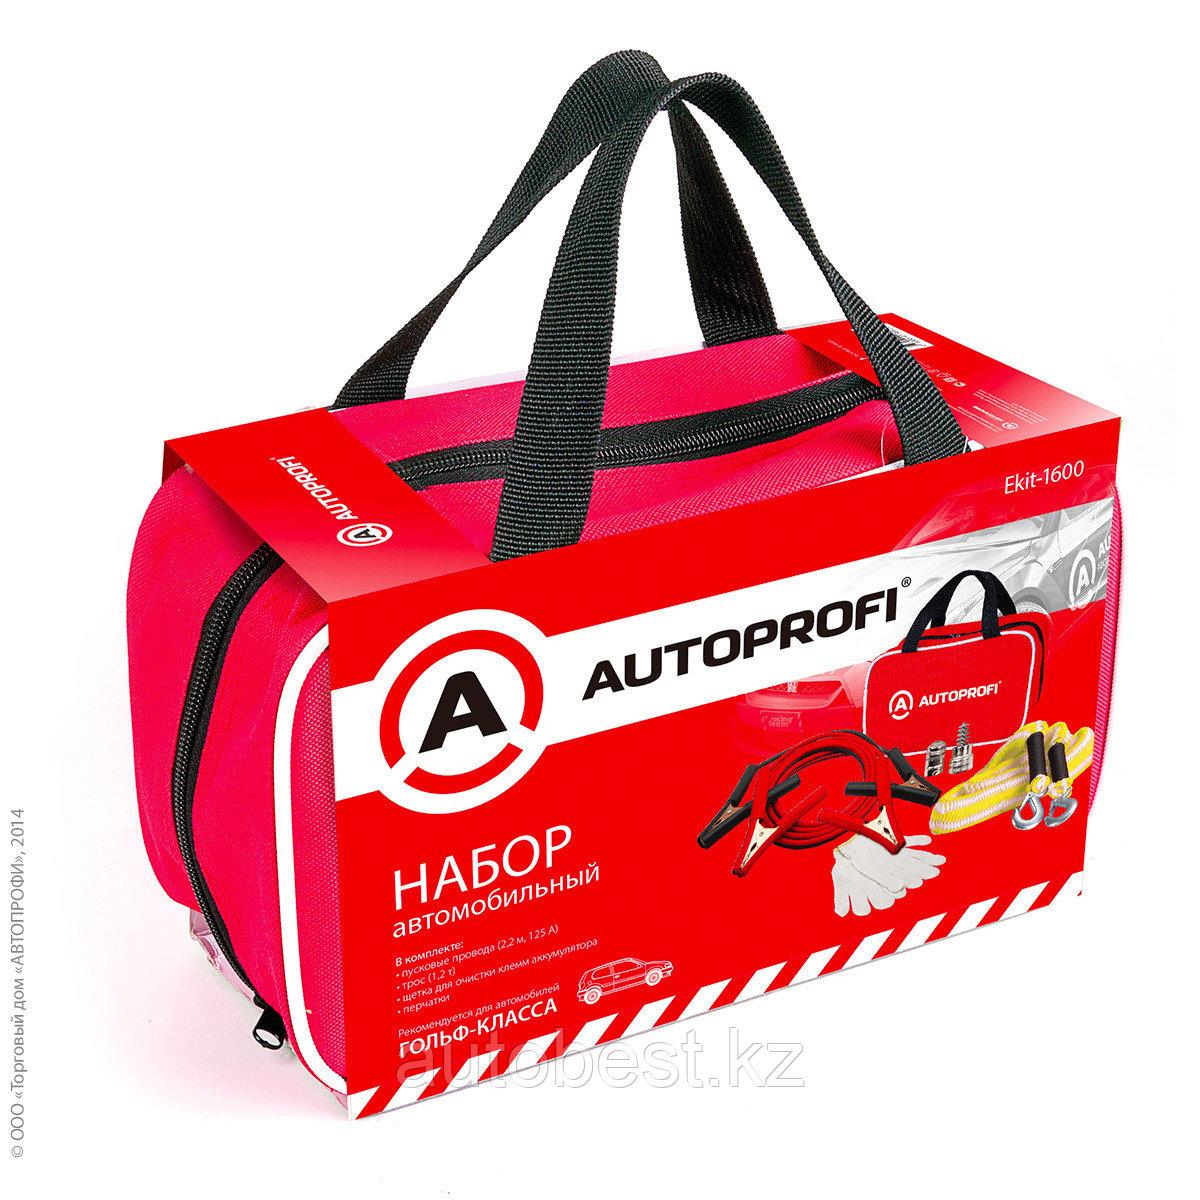 Набор автомобильный AUTOPROFI,Гольф-Класс,провода(2,2м,125А),тросс 1200кг,щетка для клемы АКБ,перча